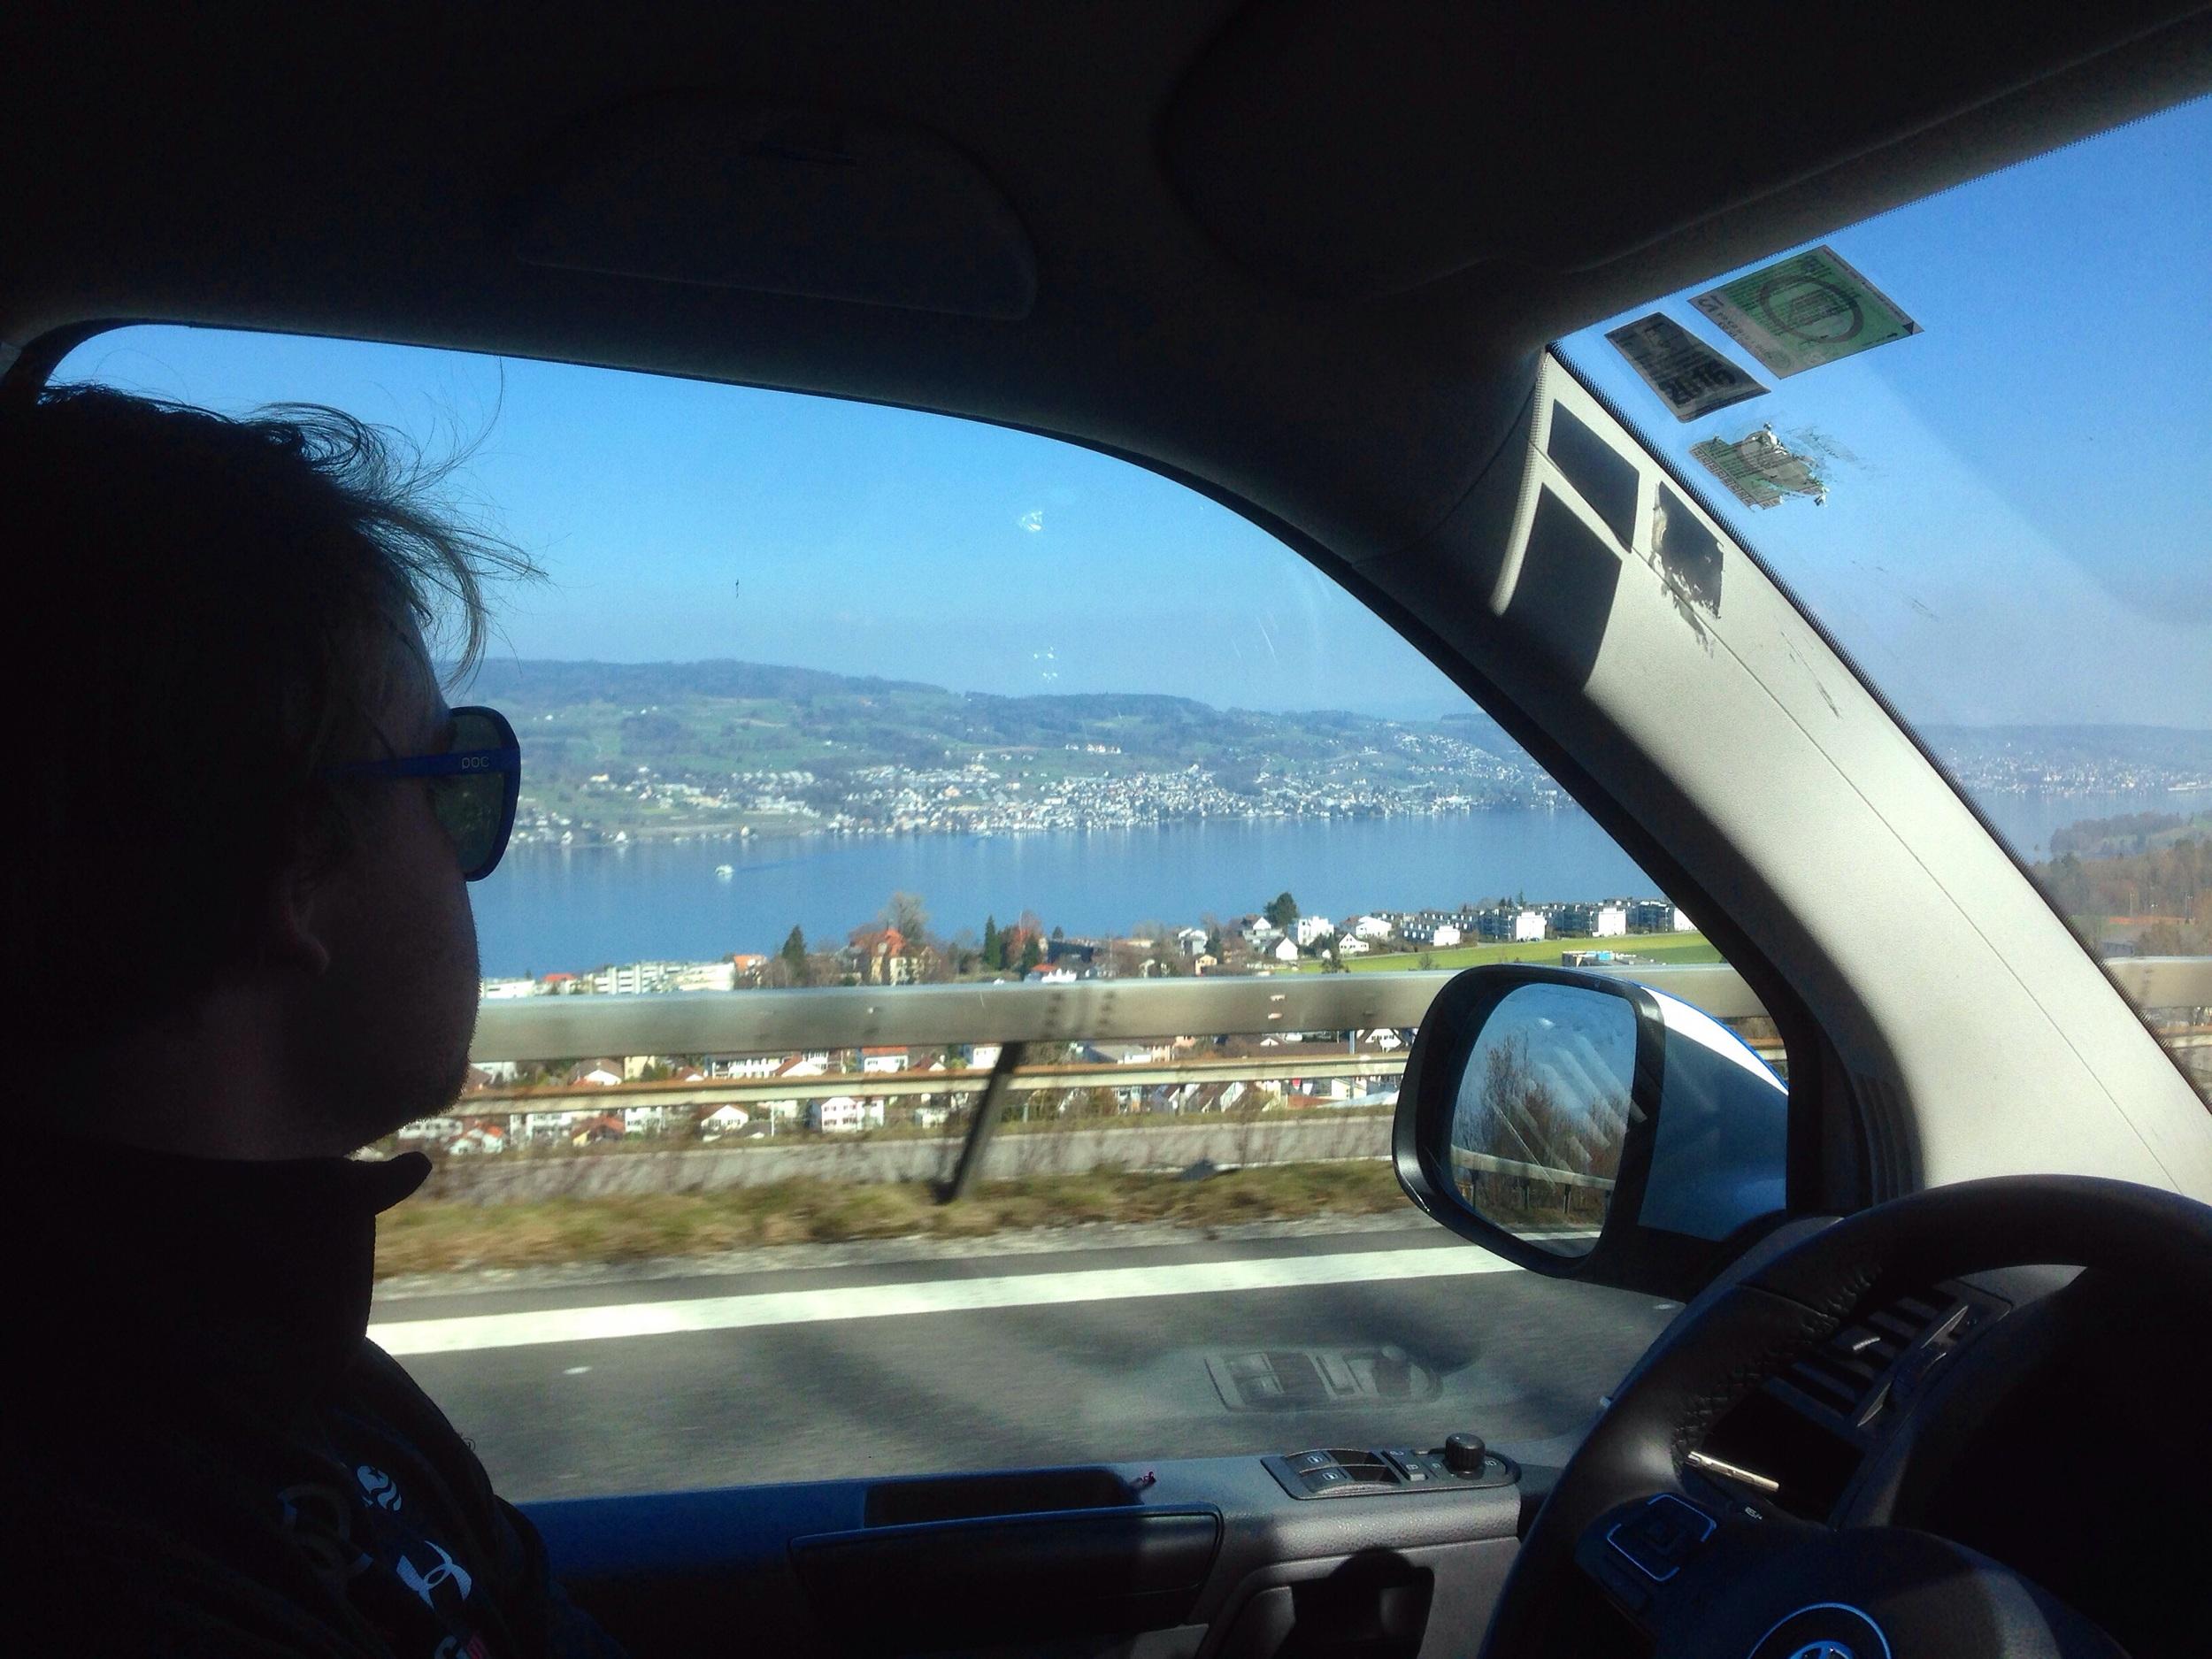 Sedan rullade Julijan och jag tillbaka mot Schweiz och St. Moritz